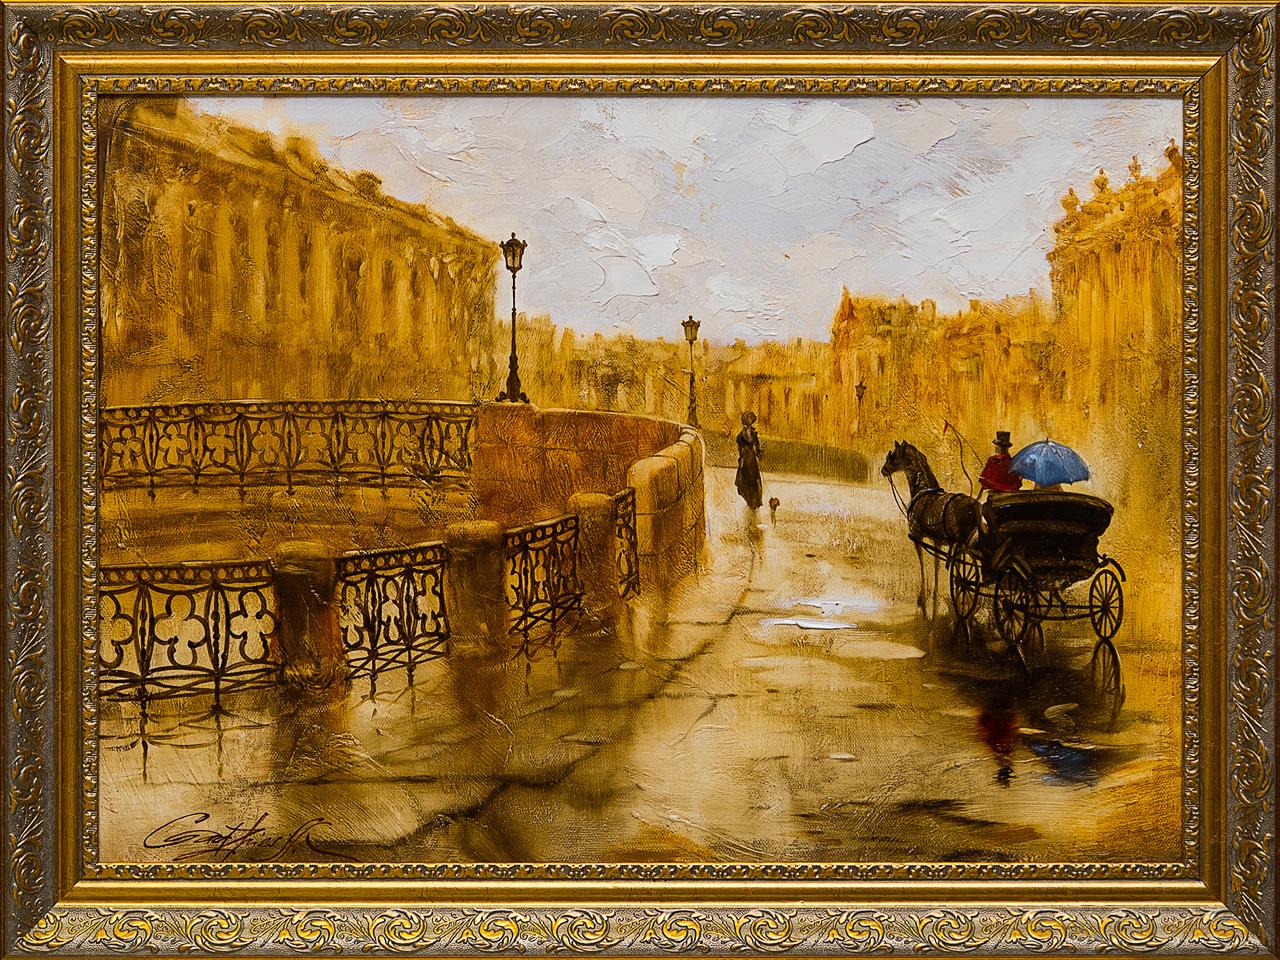 Картина маслом Санкт-Петербург Гаджиева картина маслом санкт петербург вид с дворцового моста ильин